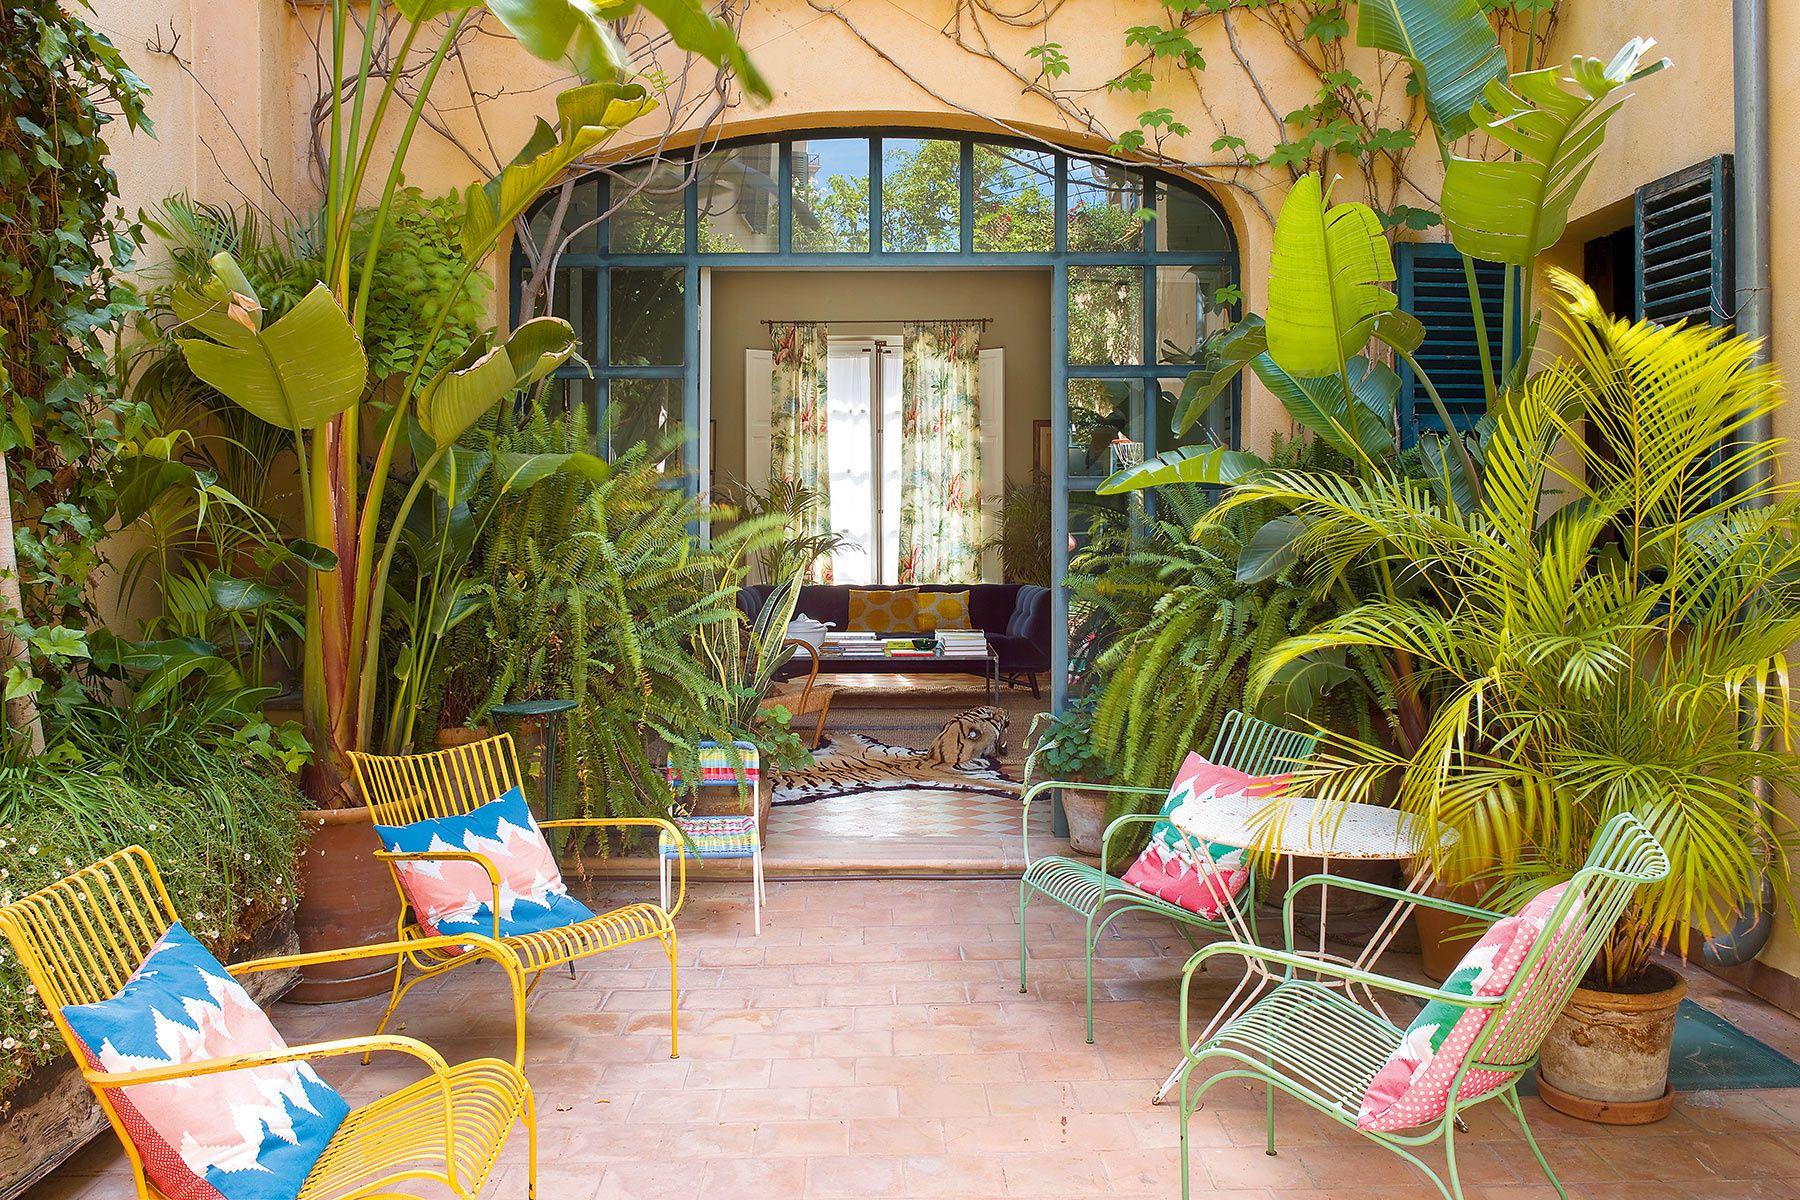 La casa en el centro de palma de mila l zaro patio galer a de fotos 10 de 10 ad cosy - Casas de citas las palmas ...